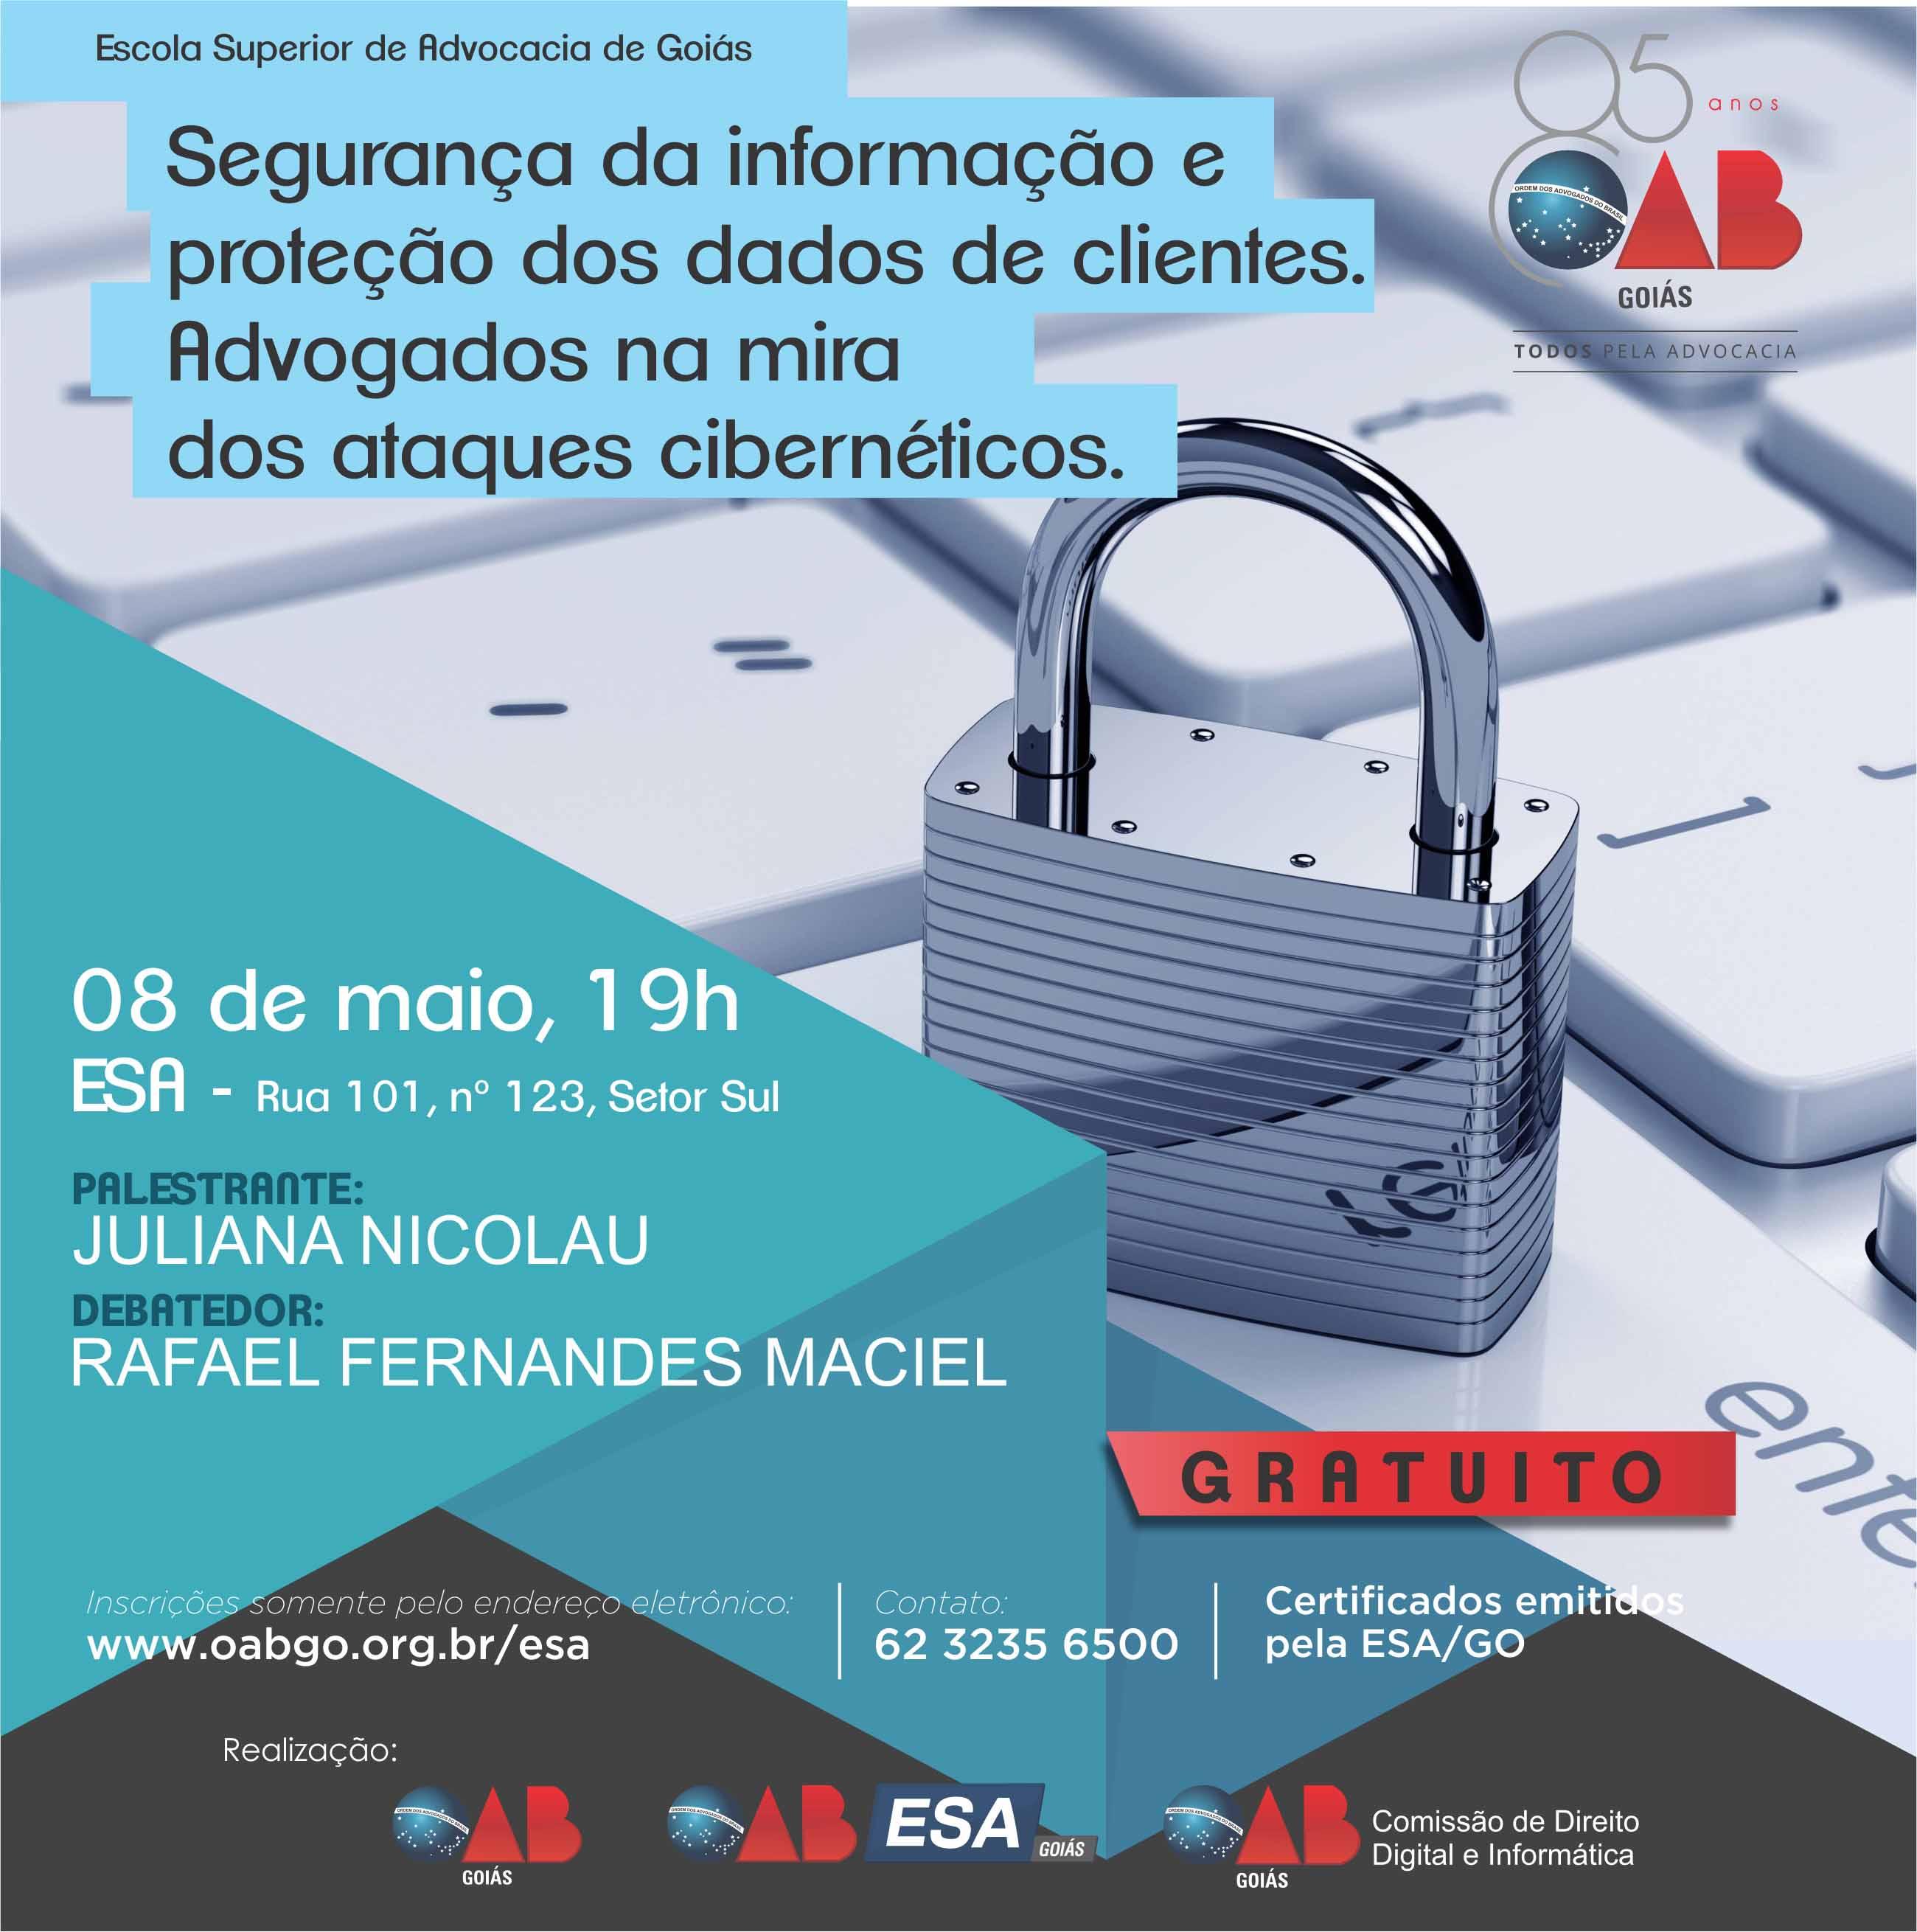 08.05 - Segurança da Informação e Proteção dos Dados dos Clientes